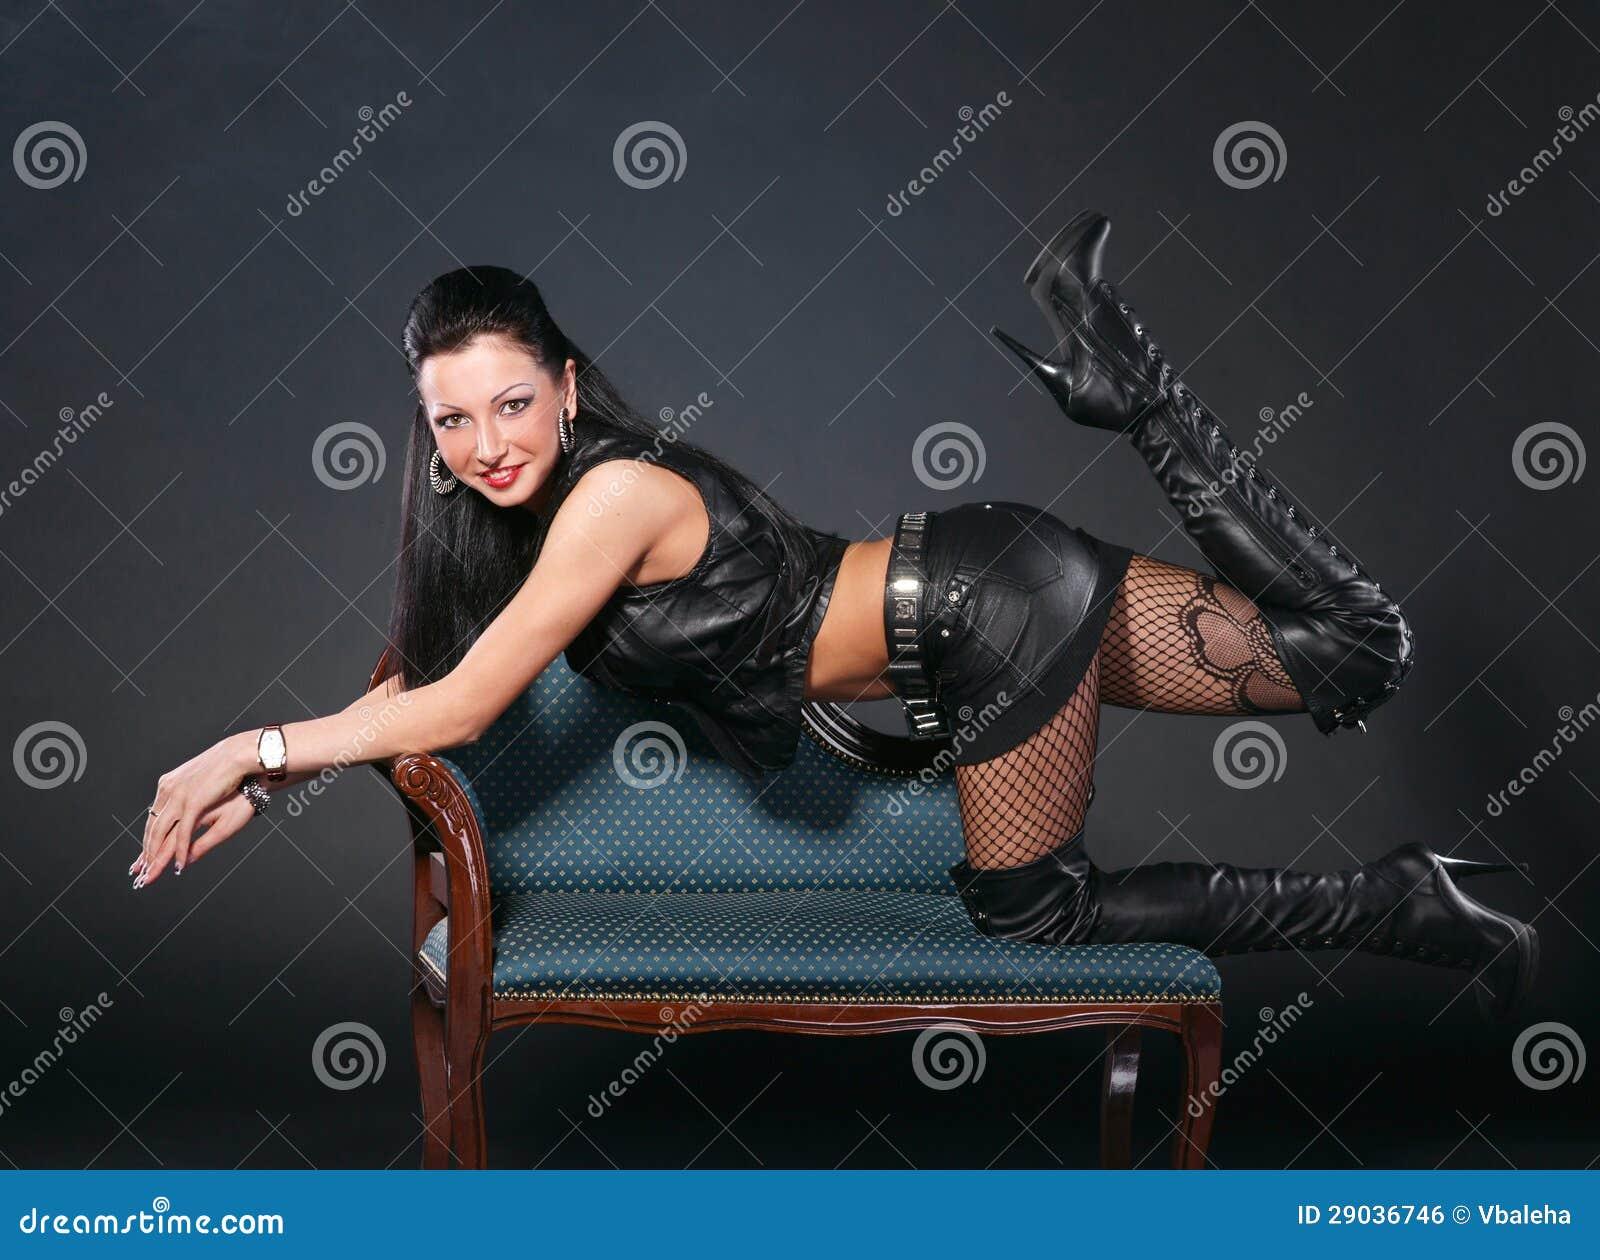 Секс с женщиной в одежде 12 фотография